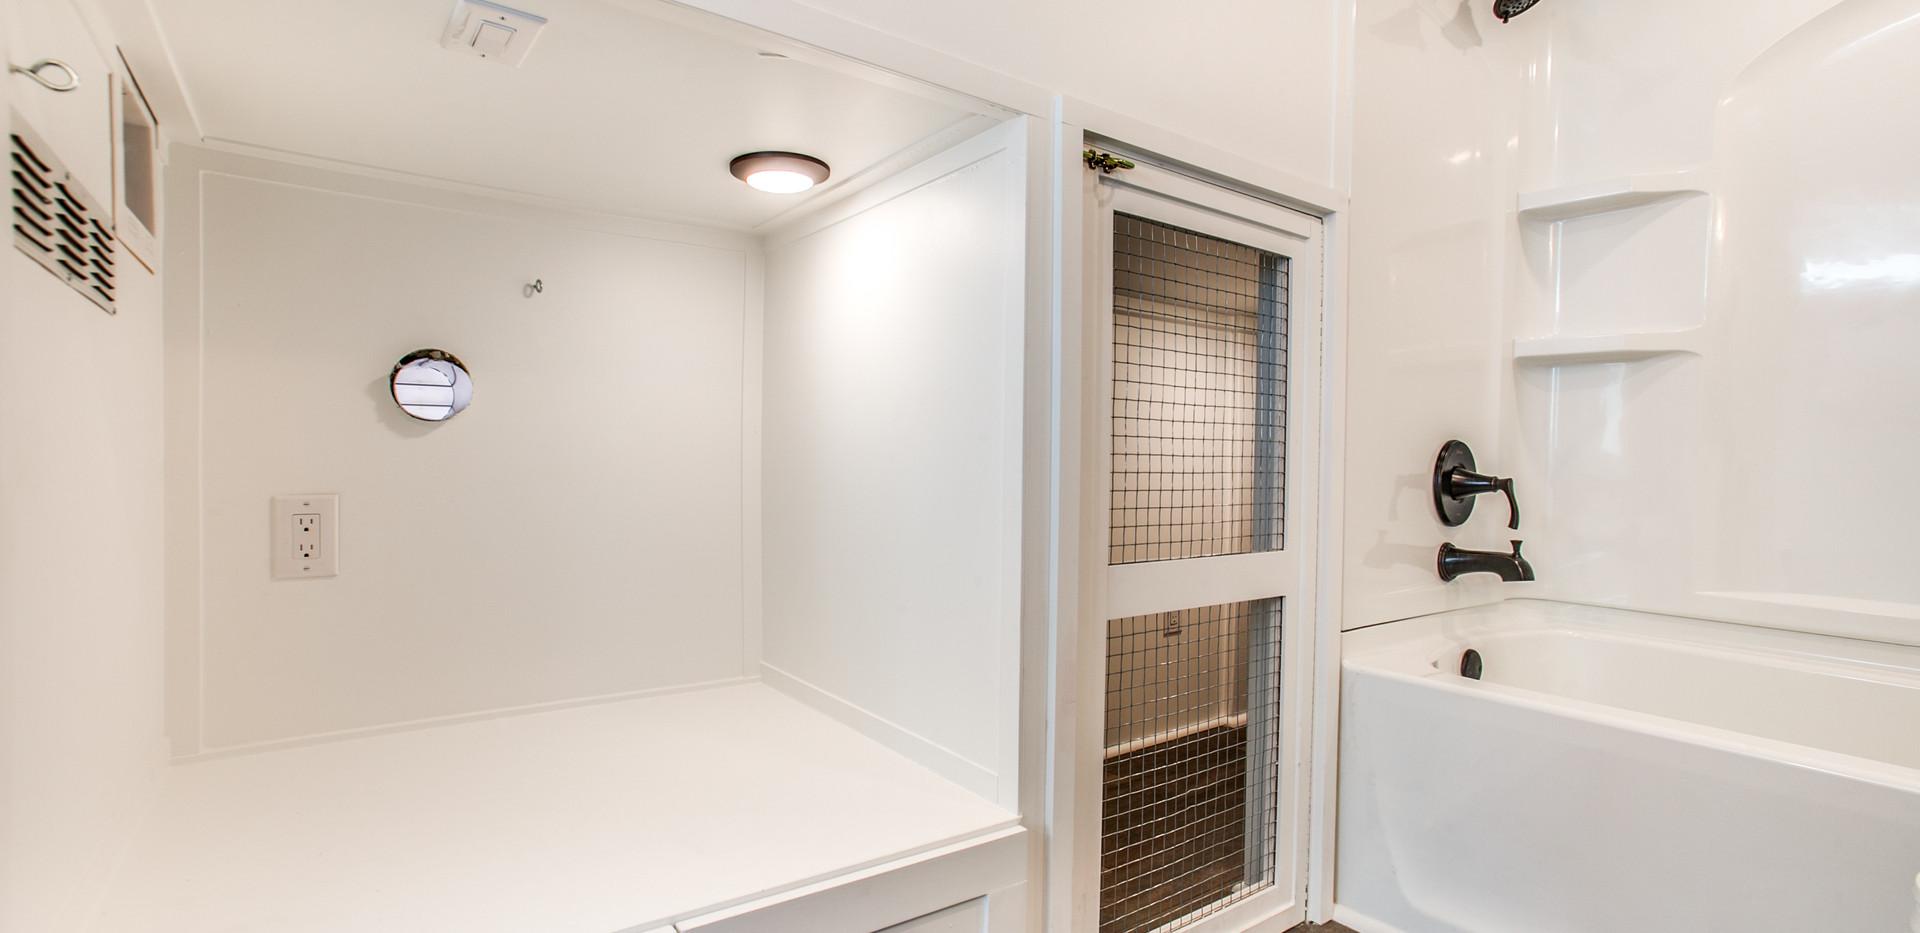 Screen door into dog kennel